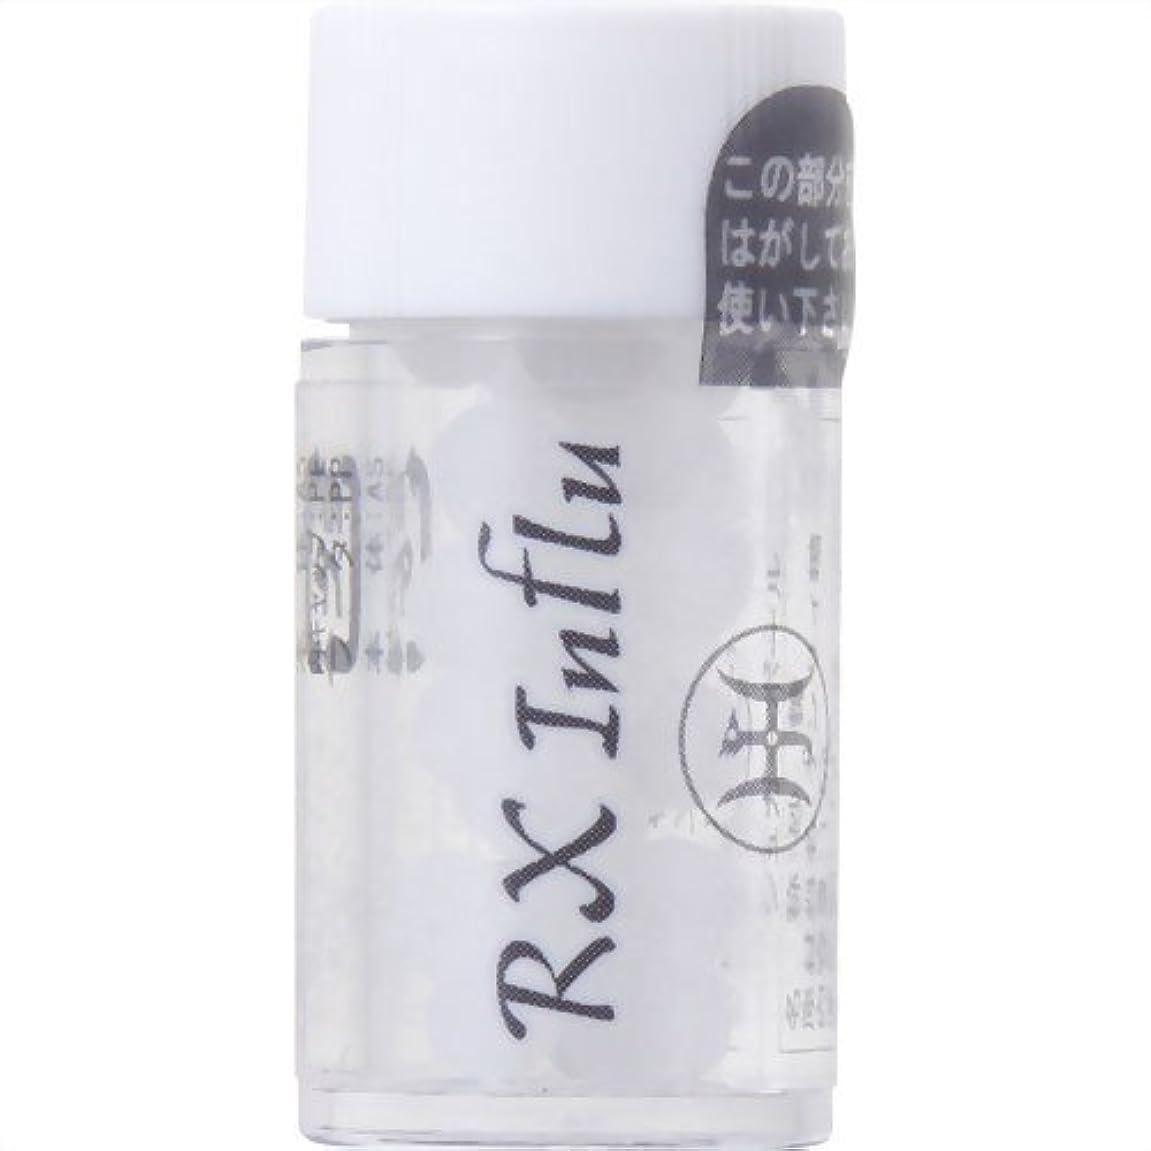 良い退屈手段ホメオパシージャパンレメディー RX Inf  アールエックス インフ (小ビン)